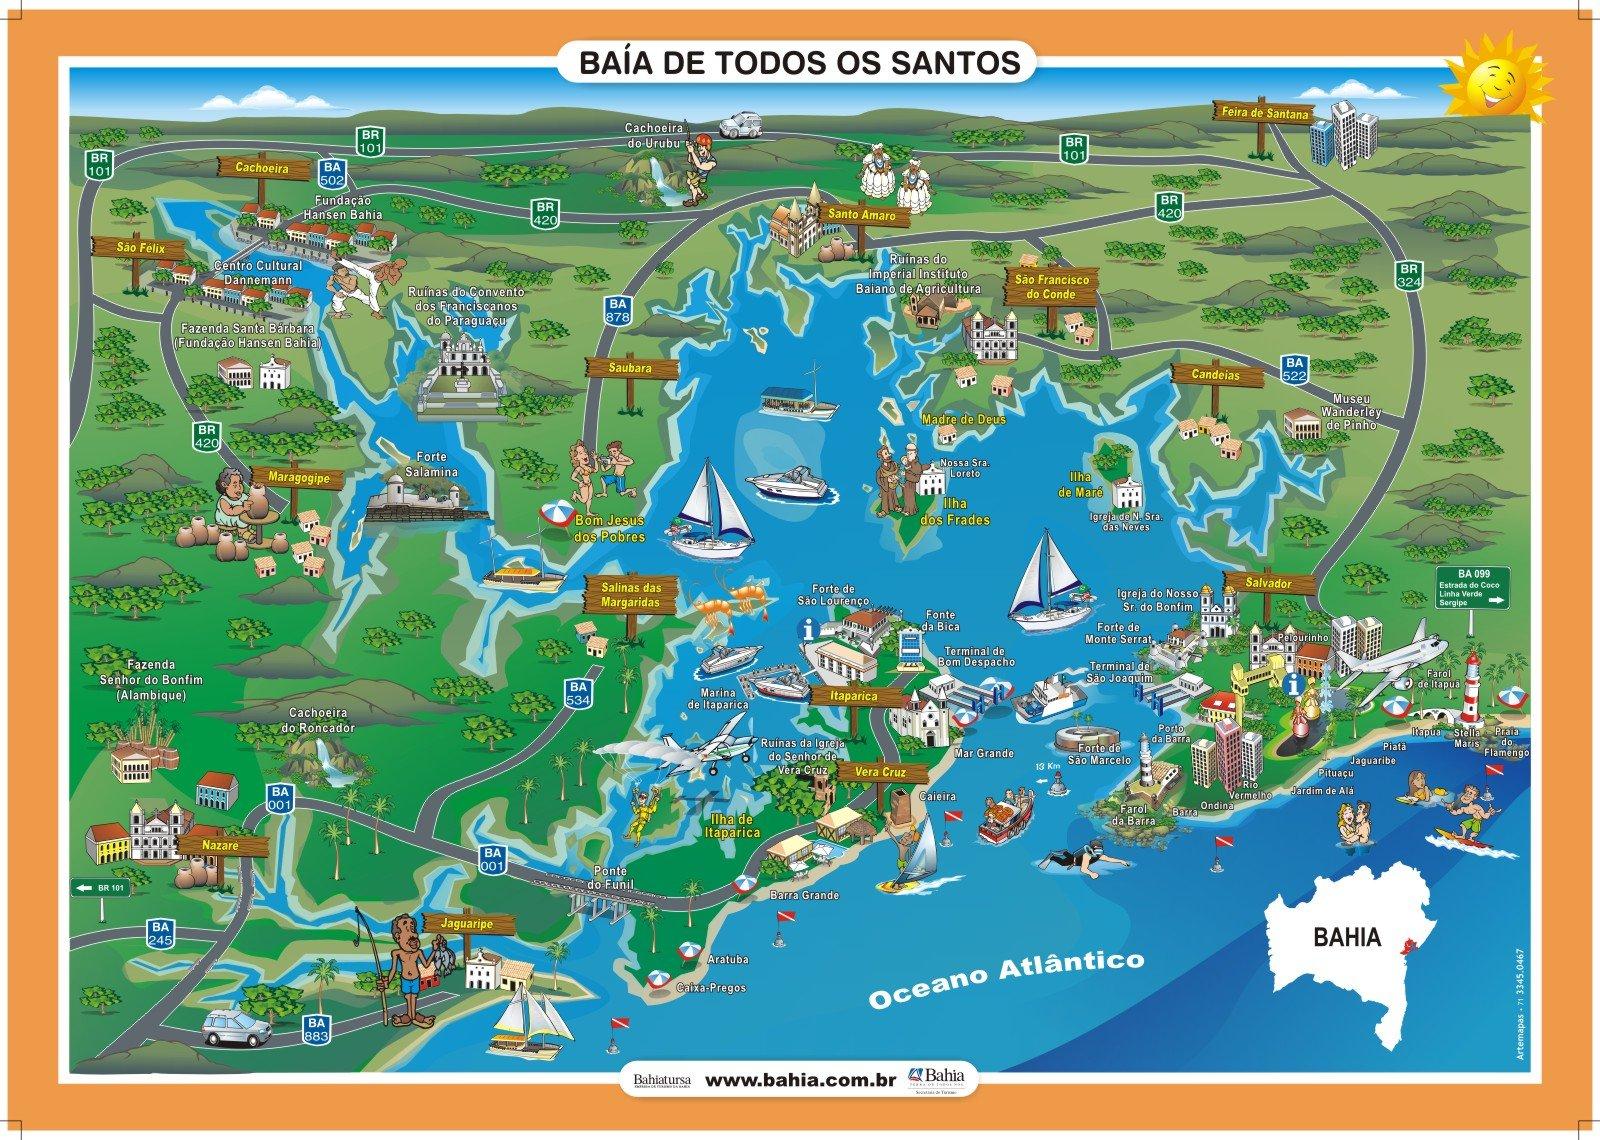 Baía de Todos os Santos é a maior baía do Brasil